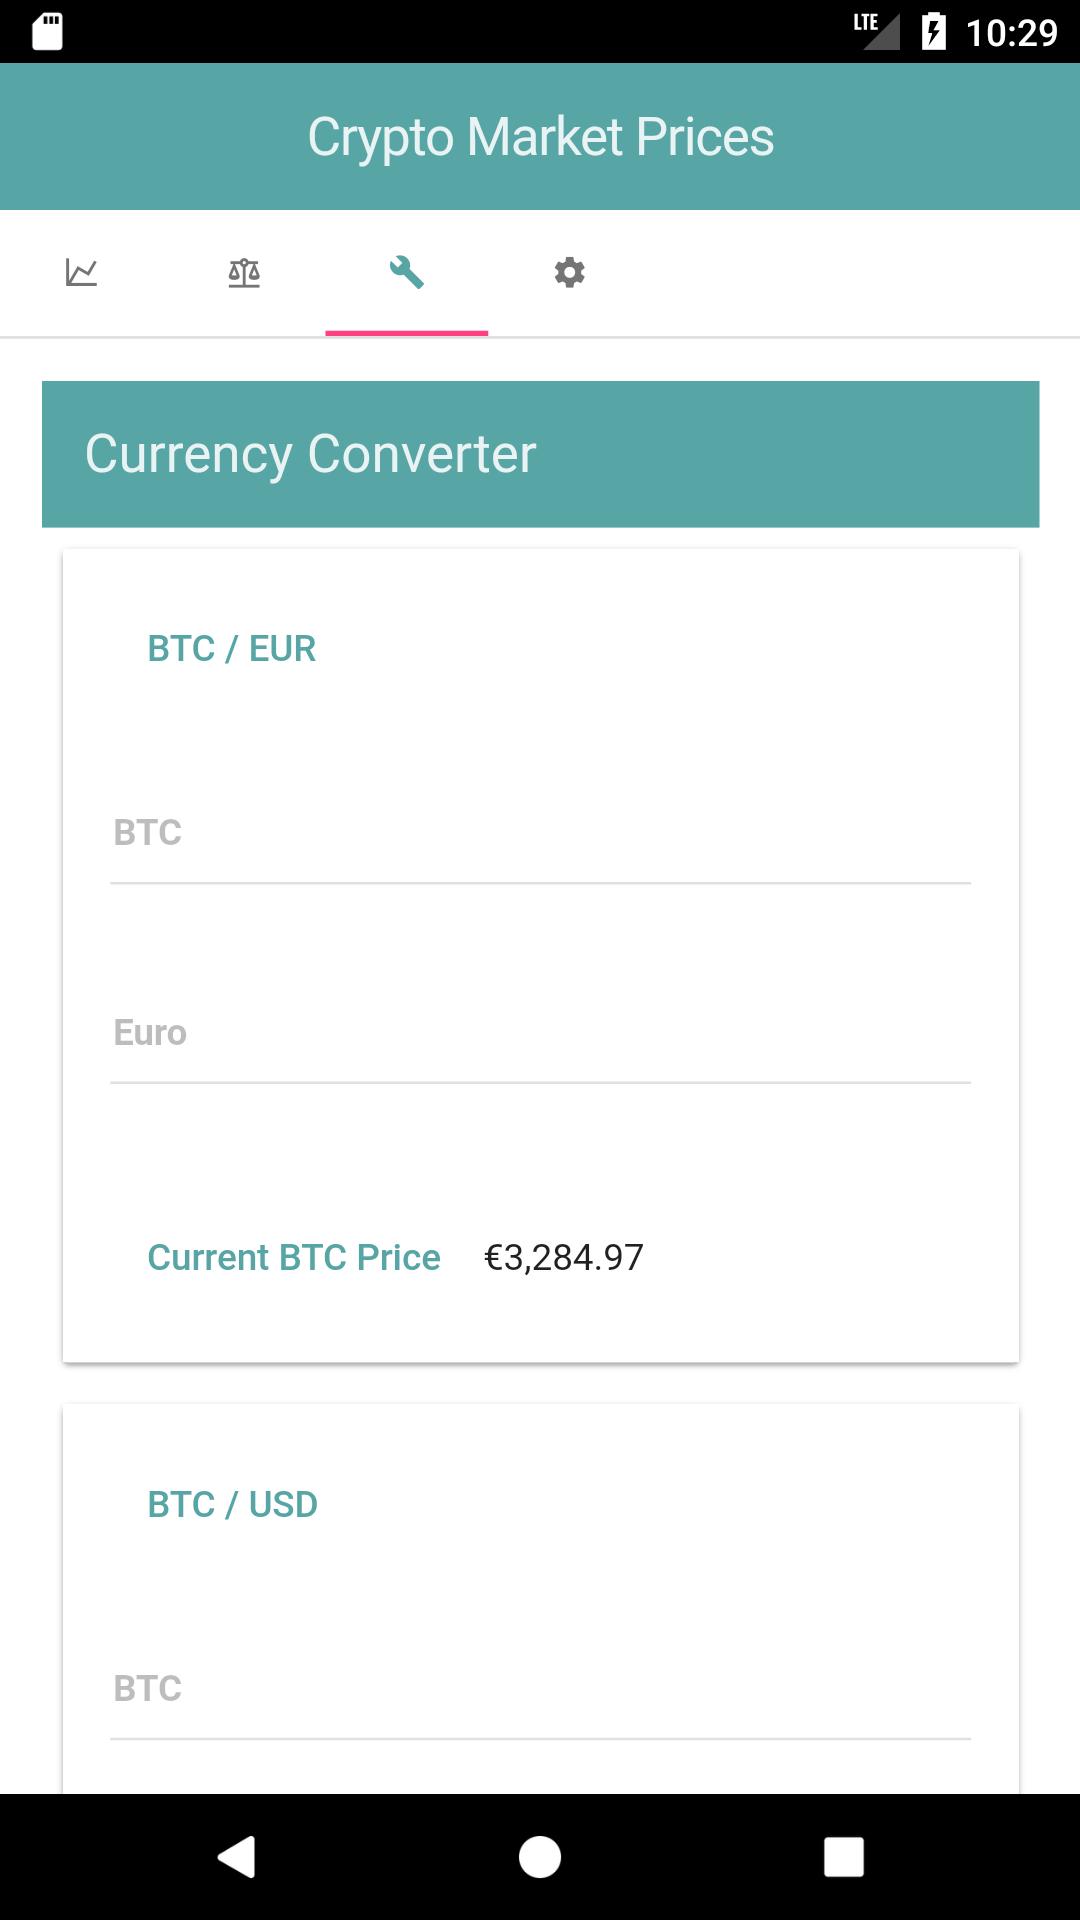 Crypto Market Prices - 3